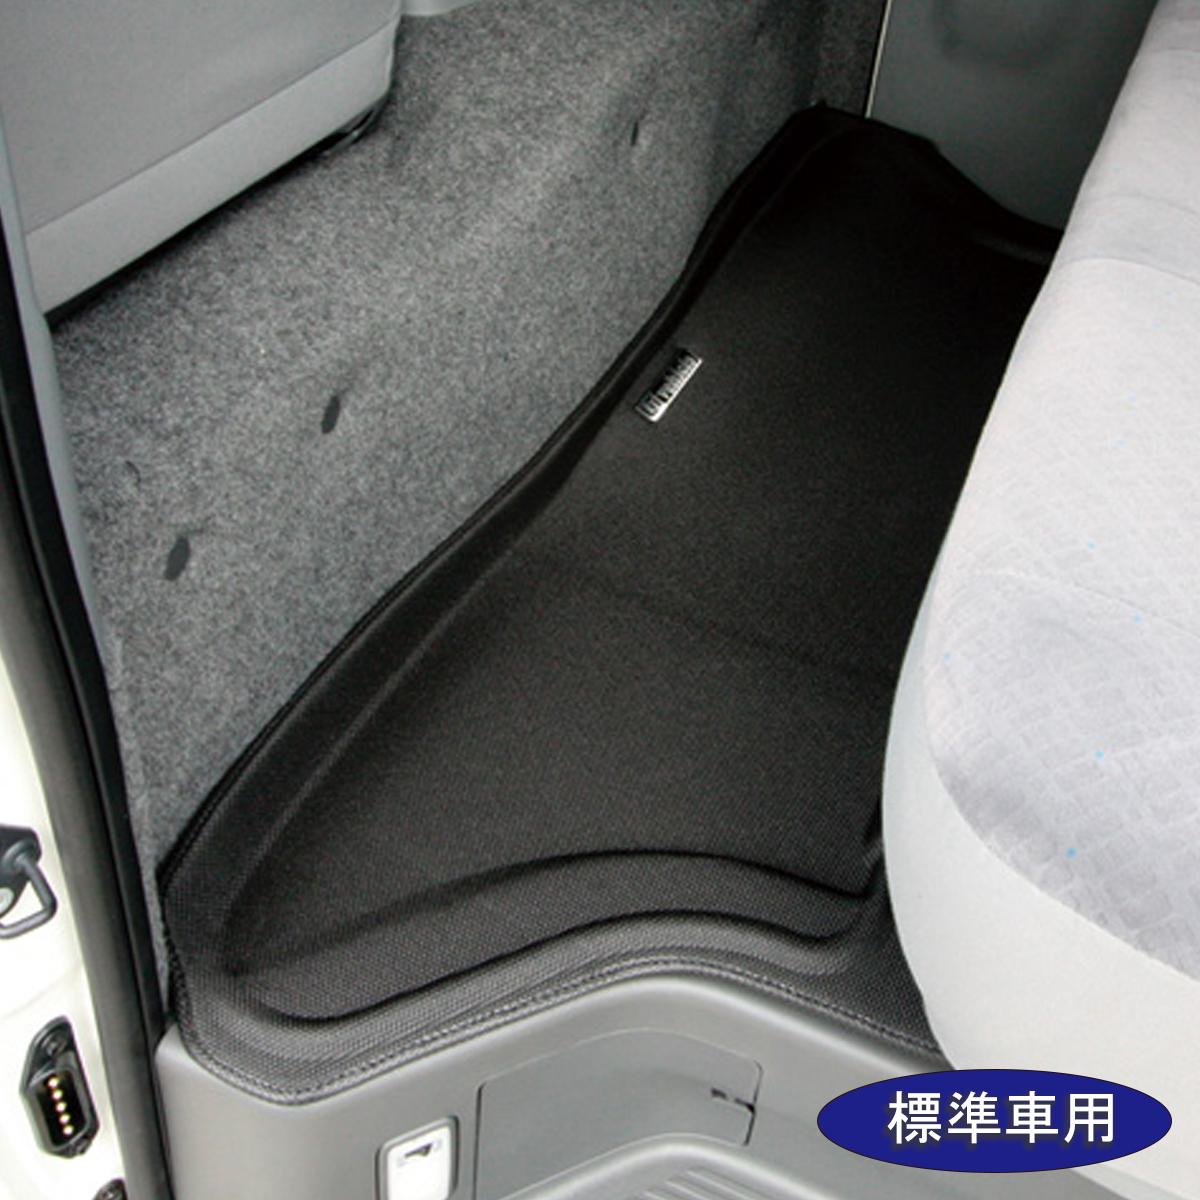 ユーアイビークル ハイエース 200系 5ドア 標準 ナロー 3Dラバーマット リア1ピース UI-vehicle ユーアイ